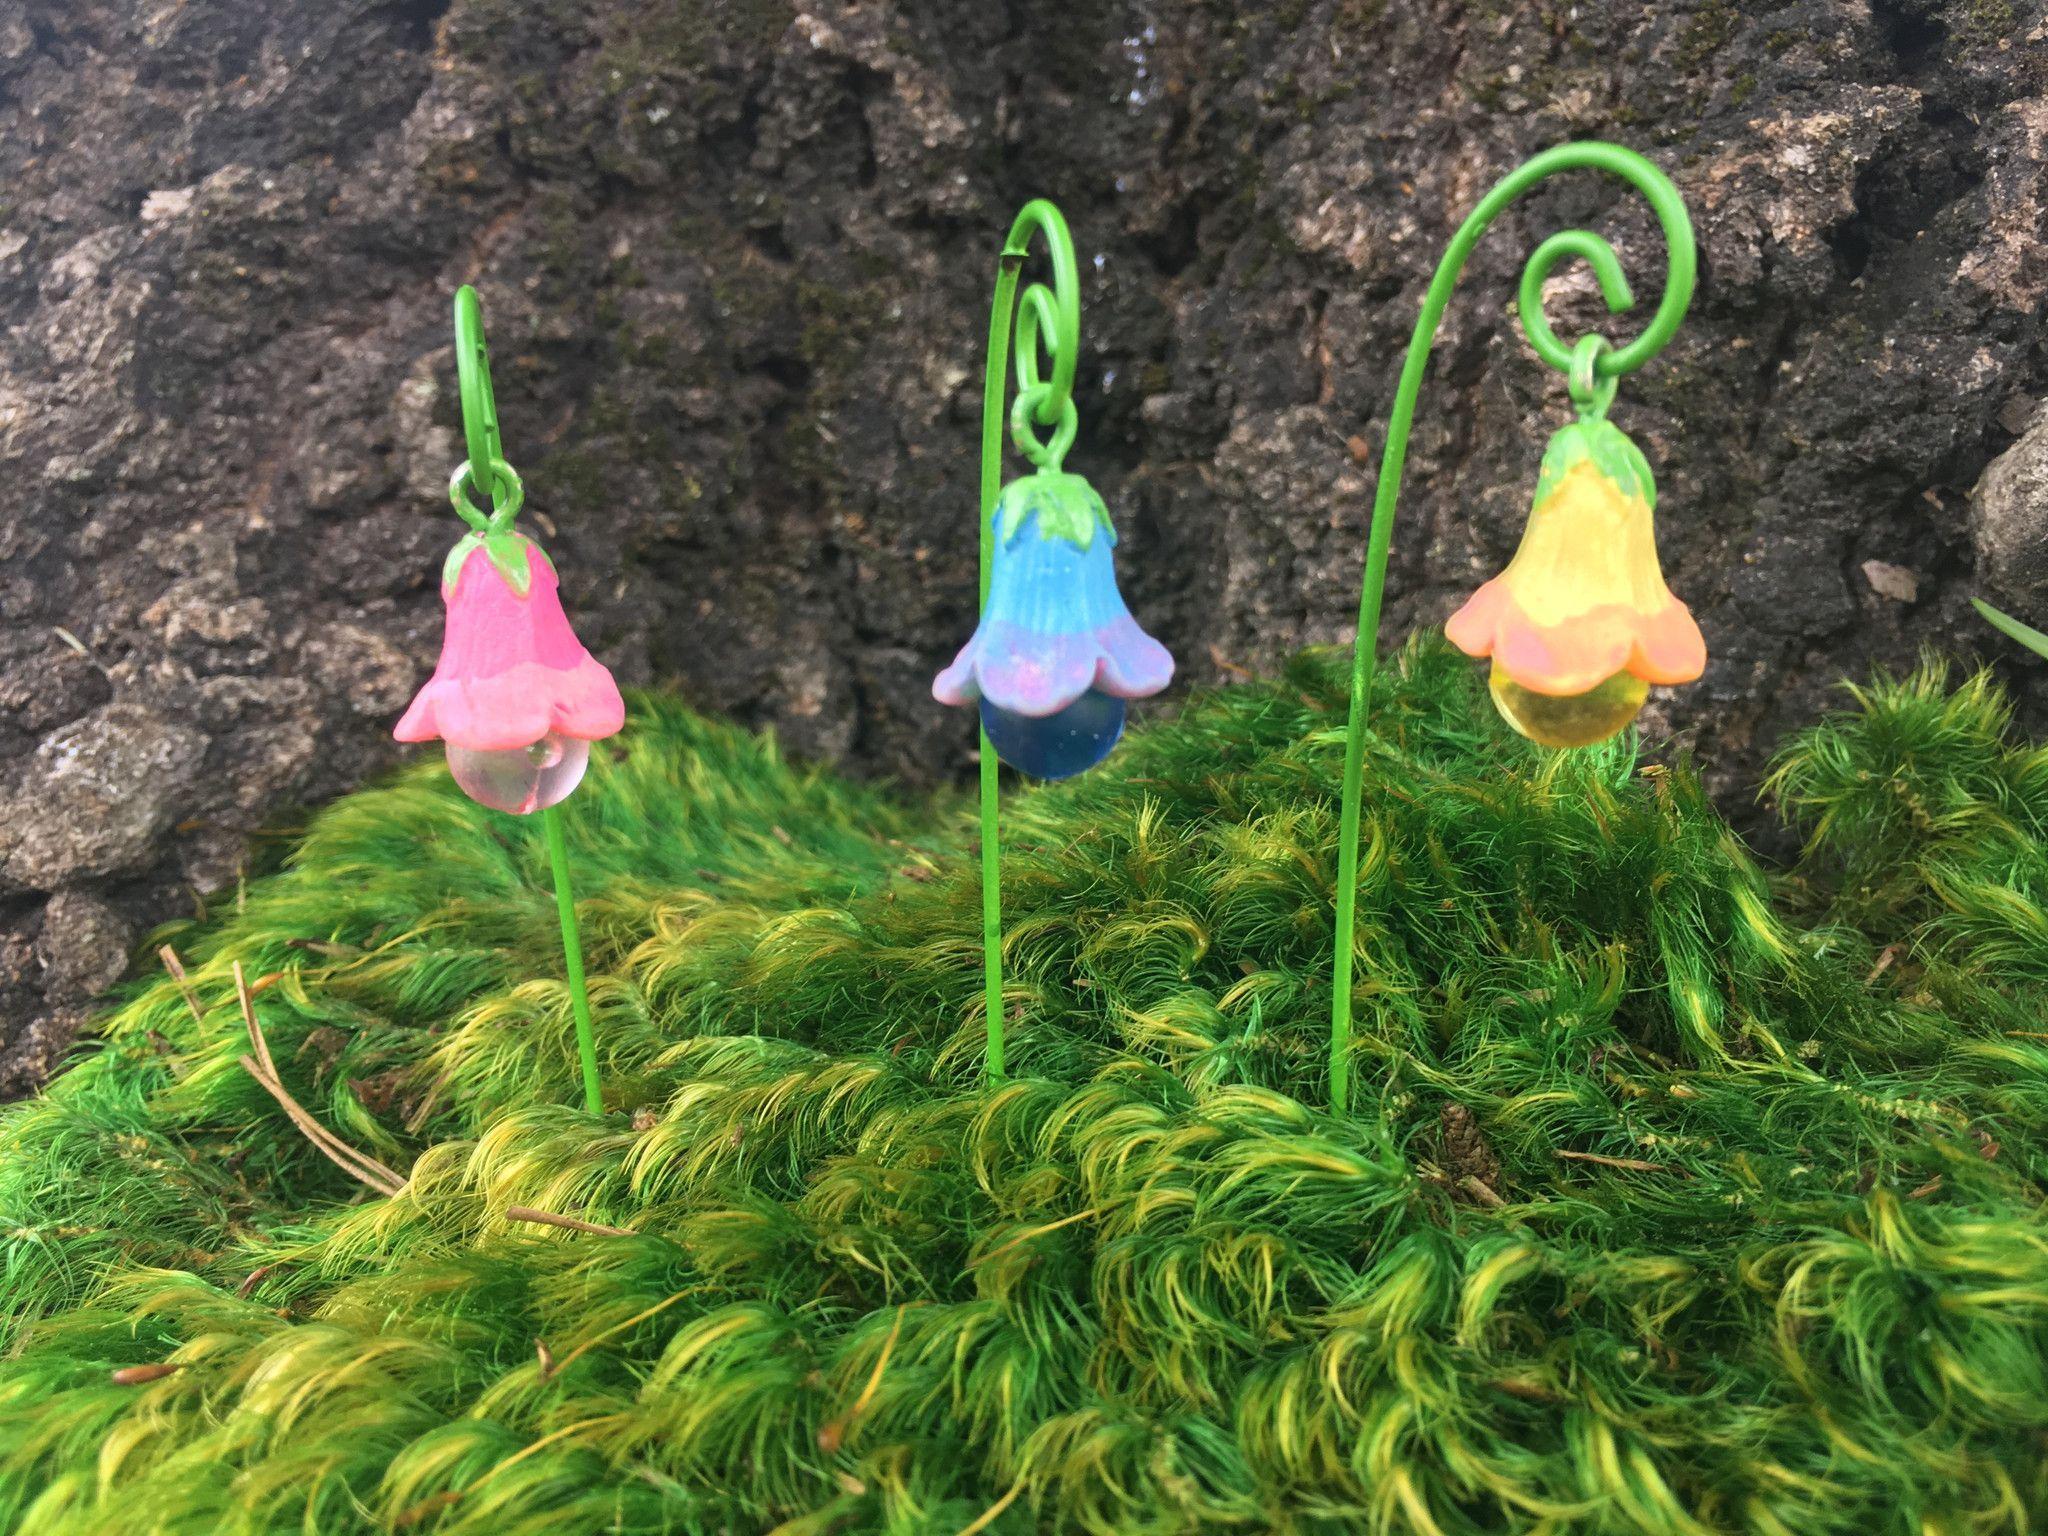 Glow in the dark bell flower garden decor | Gardens, Flower and ...